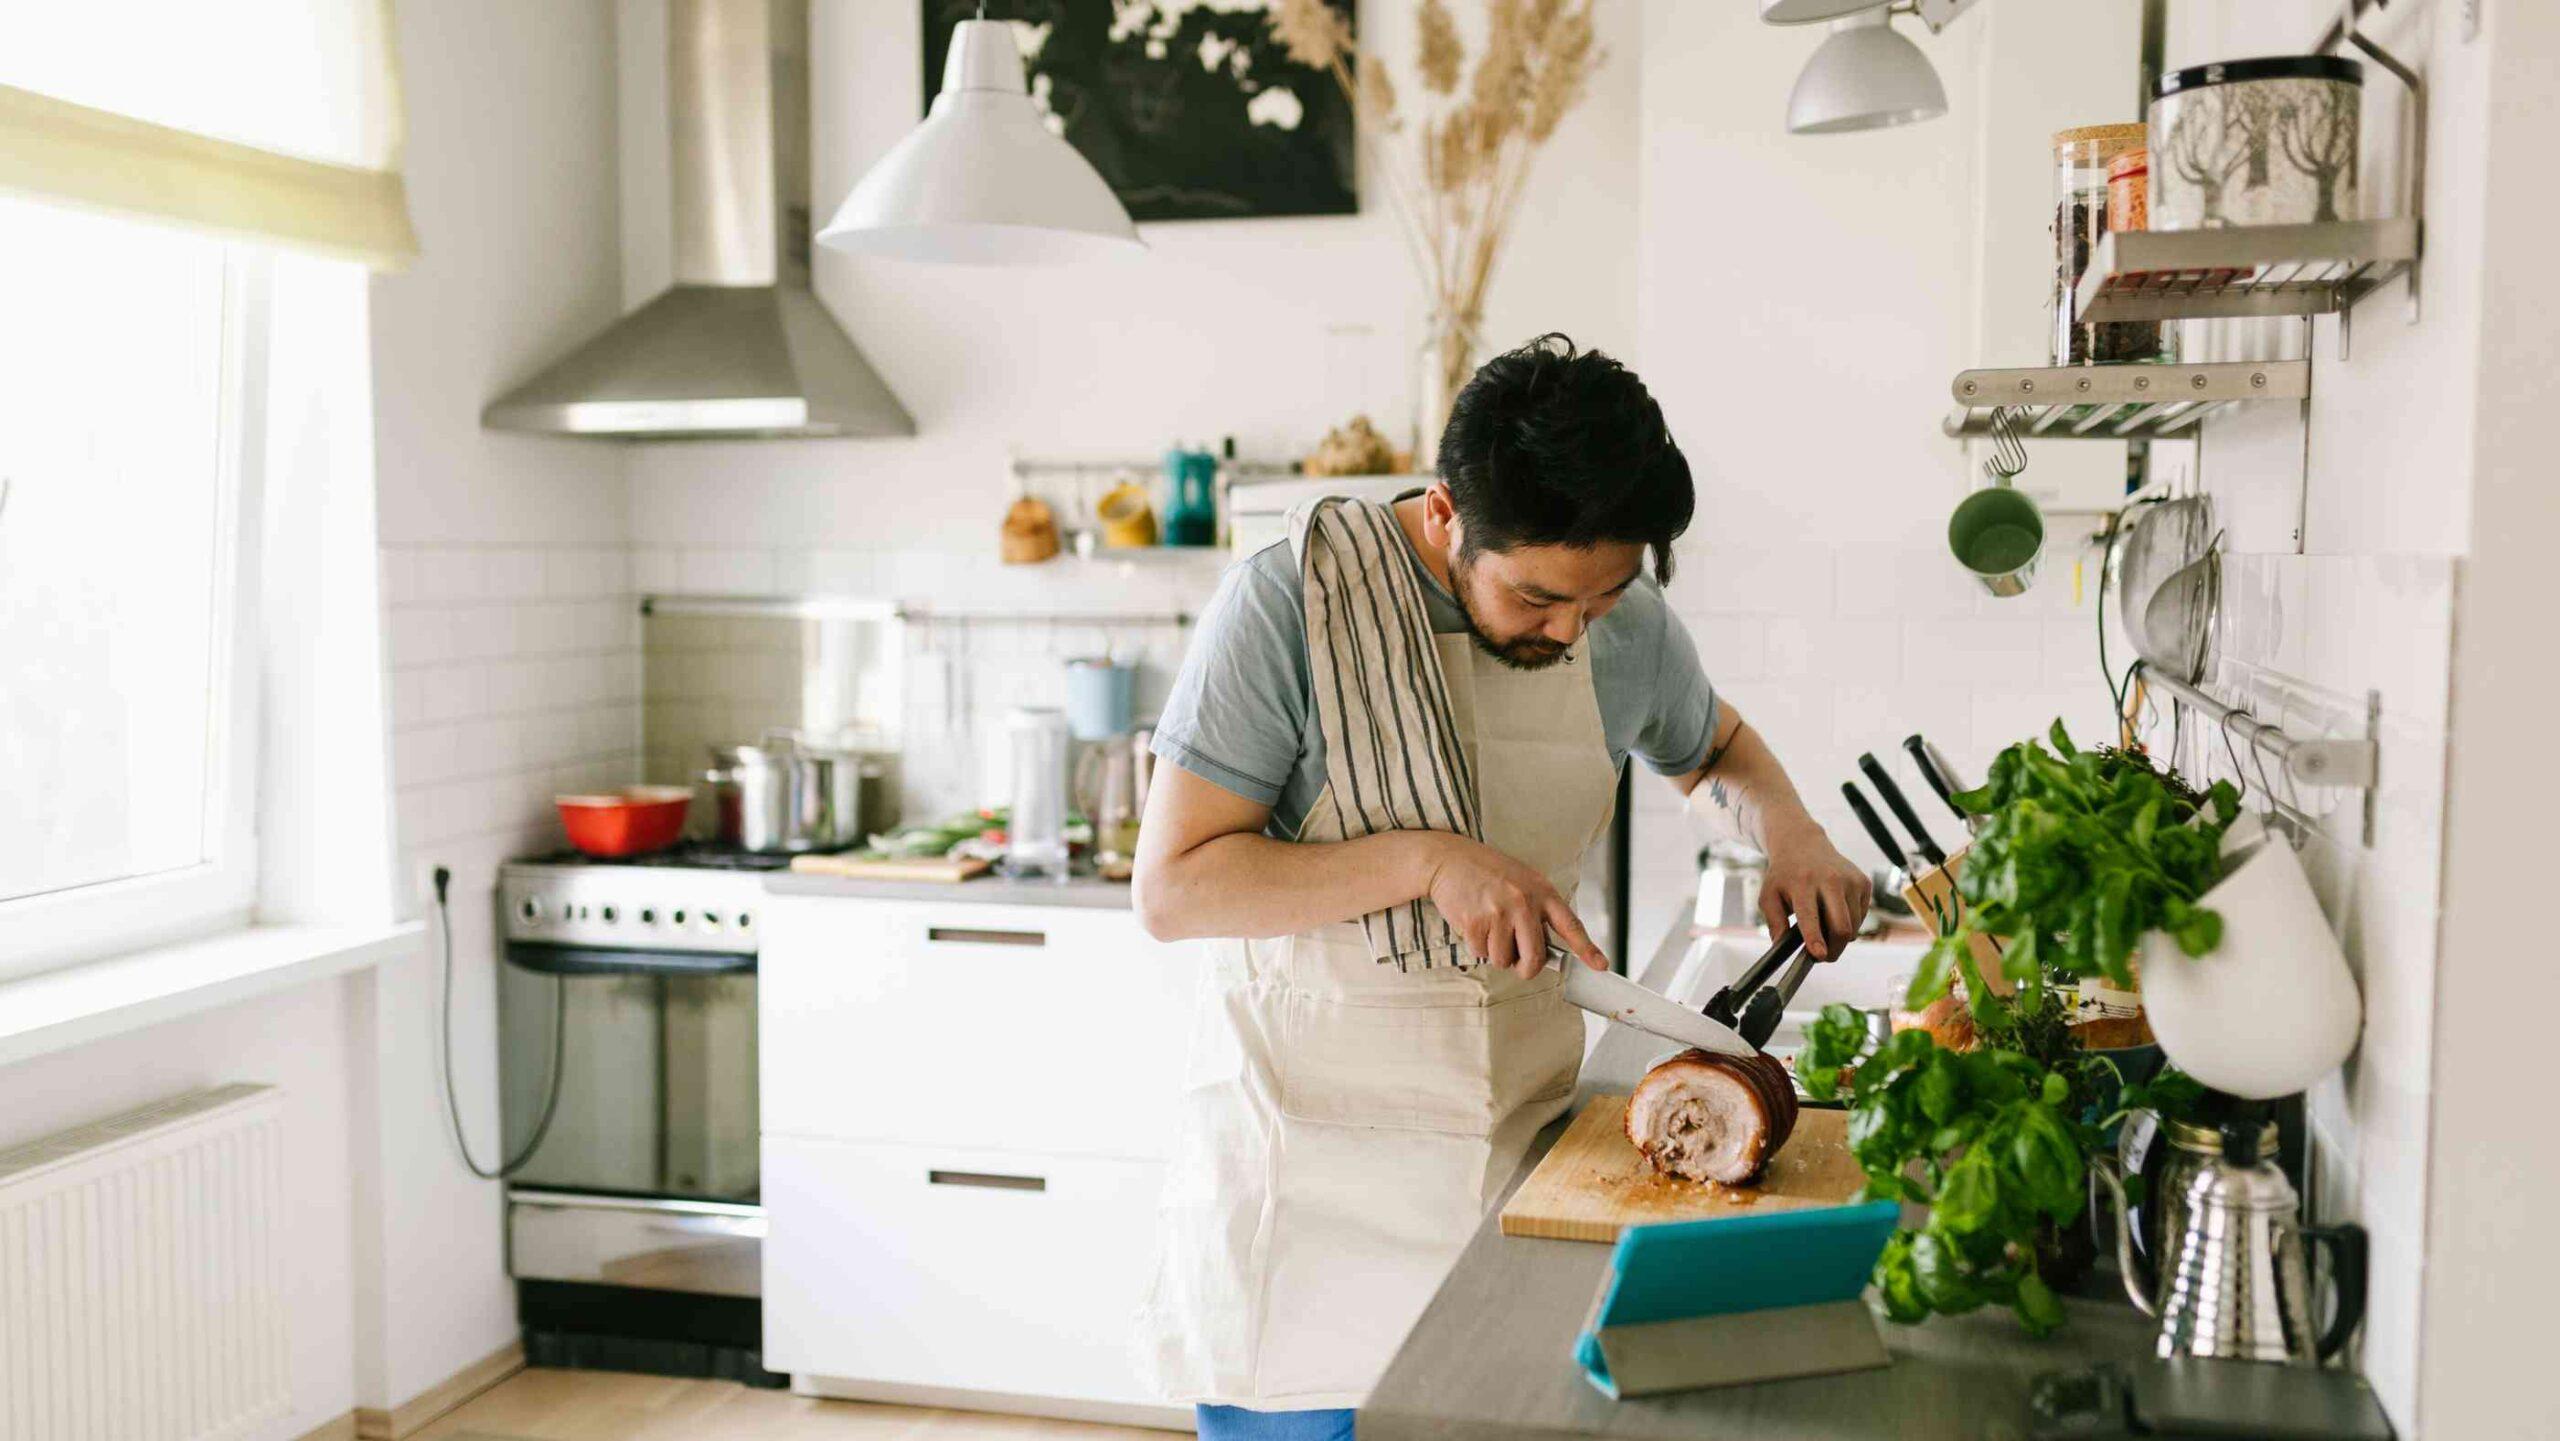 Full Size of Ikea Aufbewahrung Küche 10 Hacks Fliesen Für Sitzgruppe Möbelgriffe Aufbewahrungsbox Garten Kleiner Tisch Holz Weiß Einbauküche Mit Elektrogeräten Wohnzimmer Ikea Aufbewahrung Küche